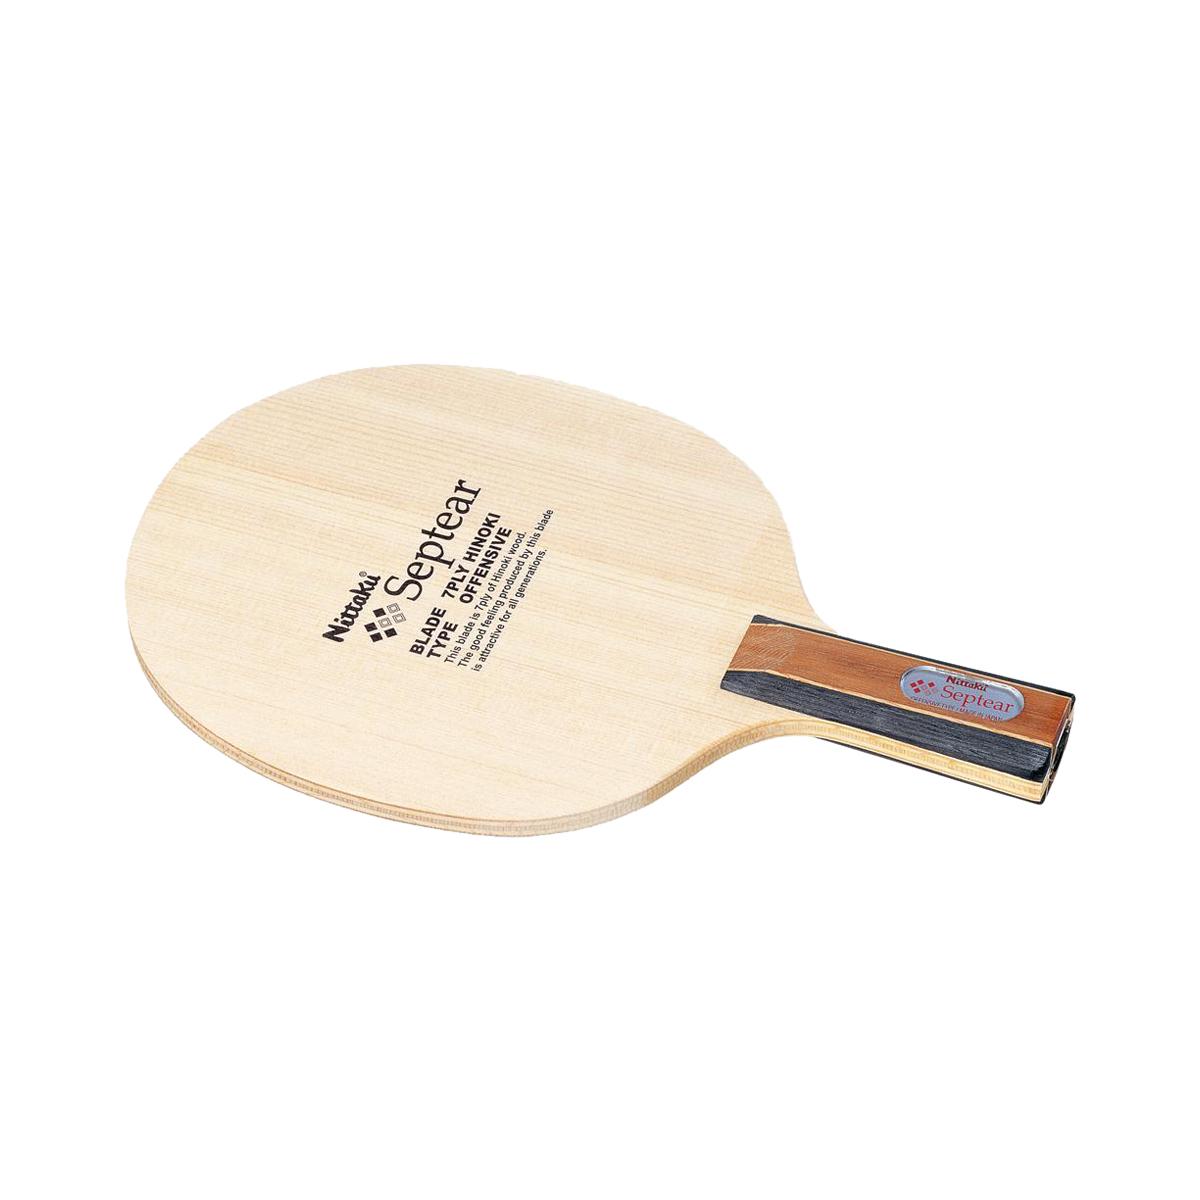 ニッタク Nittaku 卓球 ラケット セプティアー C 【あす楽対象外】【返品不可】